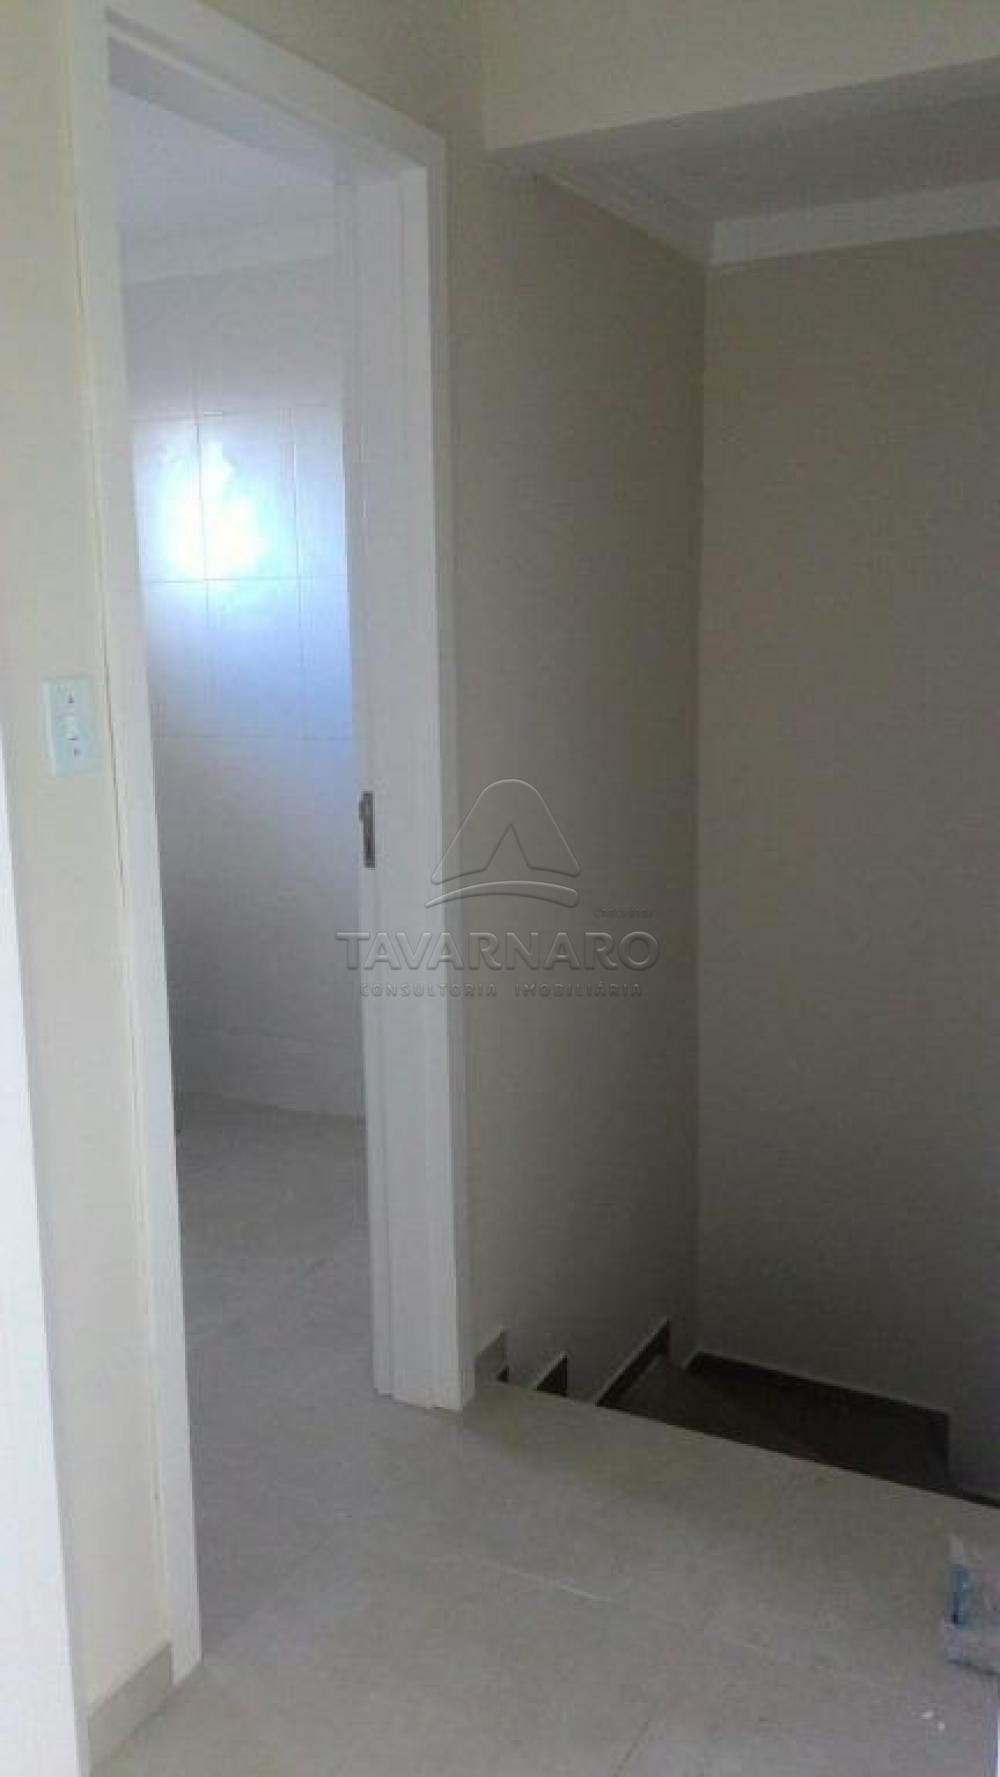 Comprar Casa / Sobrado em Ponta Grossa R$ 165.000,00 - Foto 2